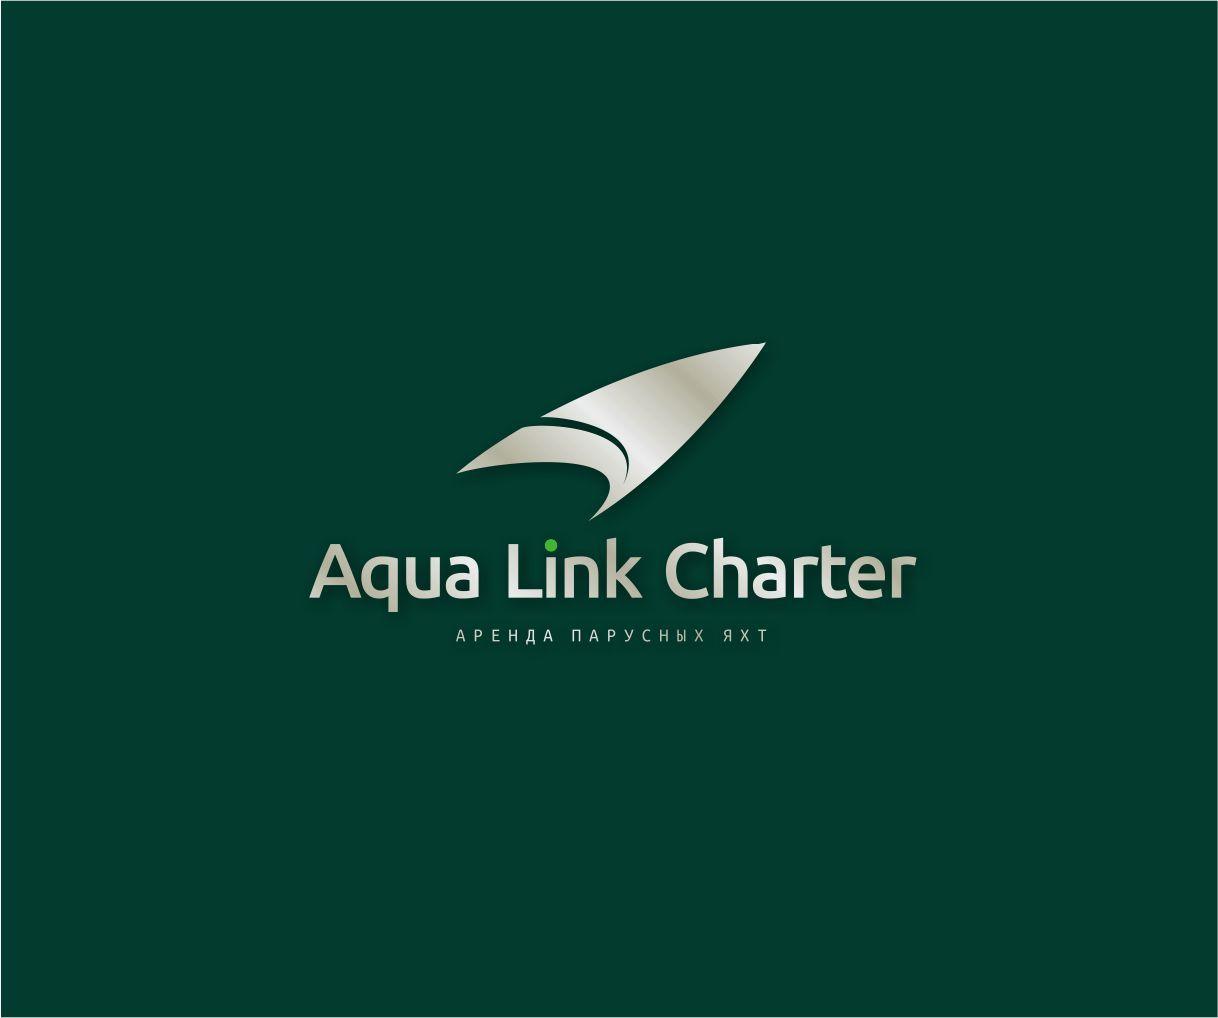 Аренда (чартер) парусных яхт - Aqua Link Charter - дизайнер GAMAIUN